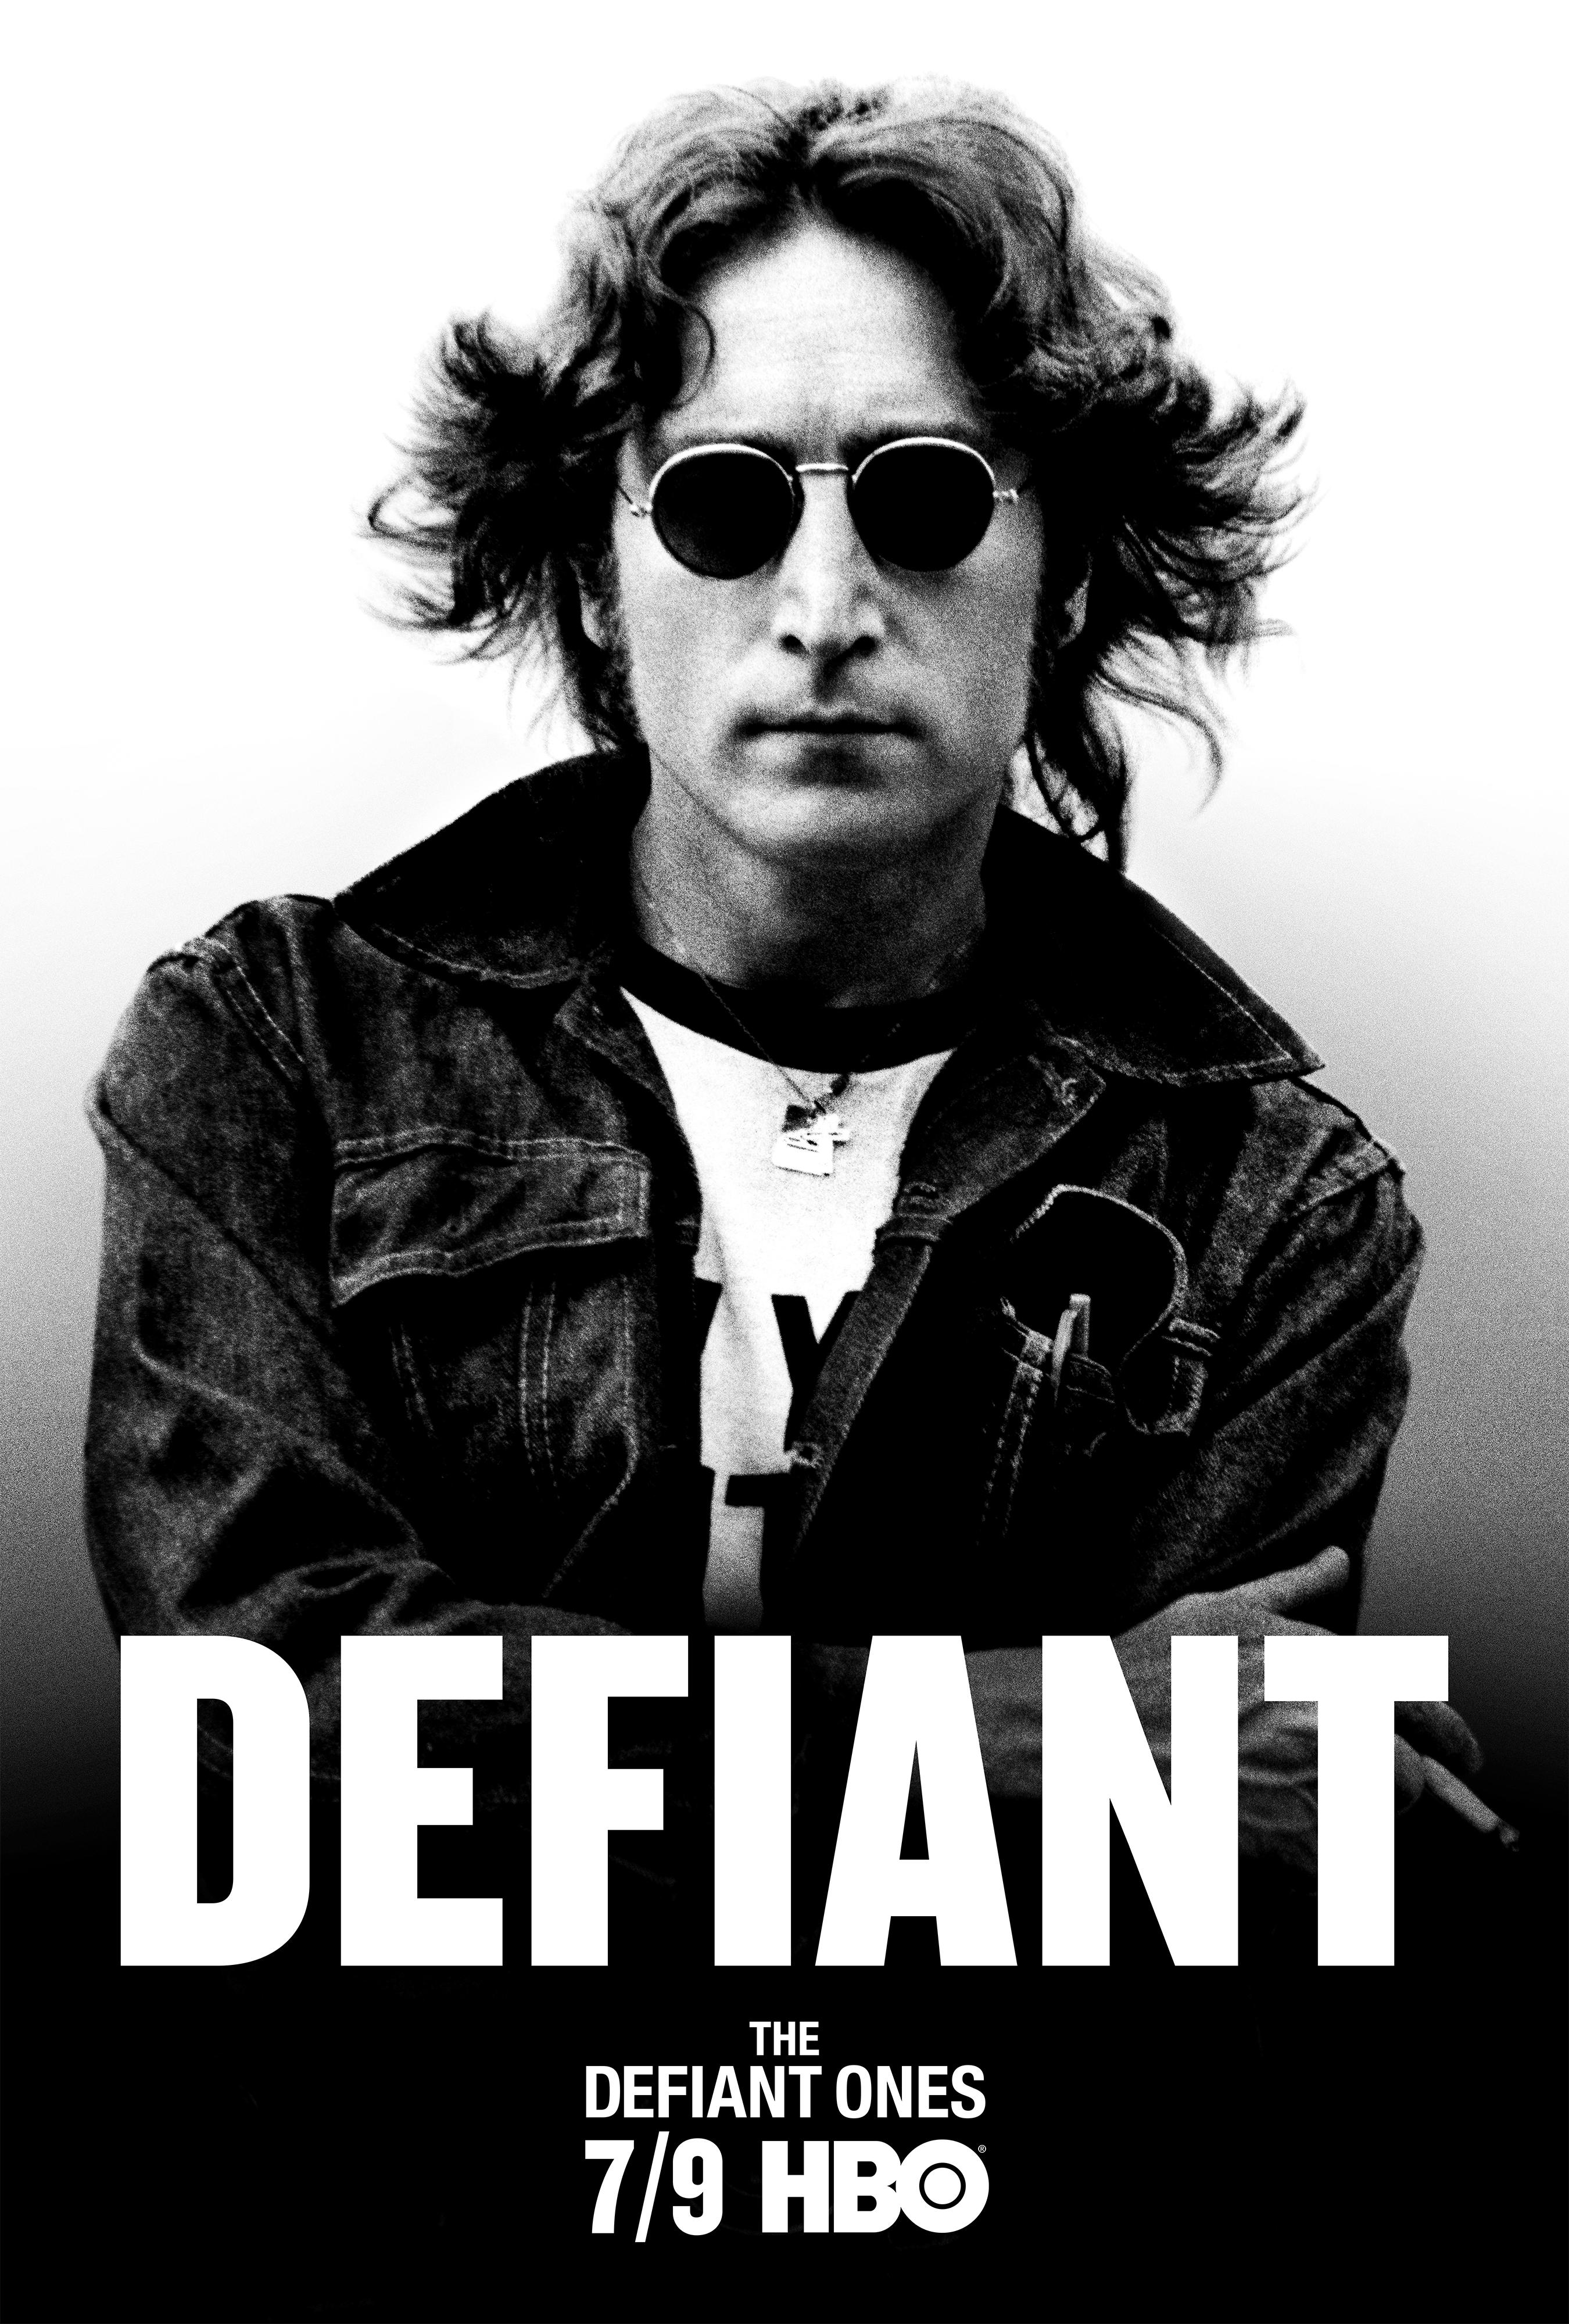 Image for The Defiant Ones Character Banner: John Lennon